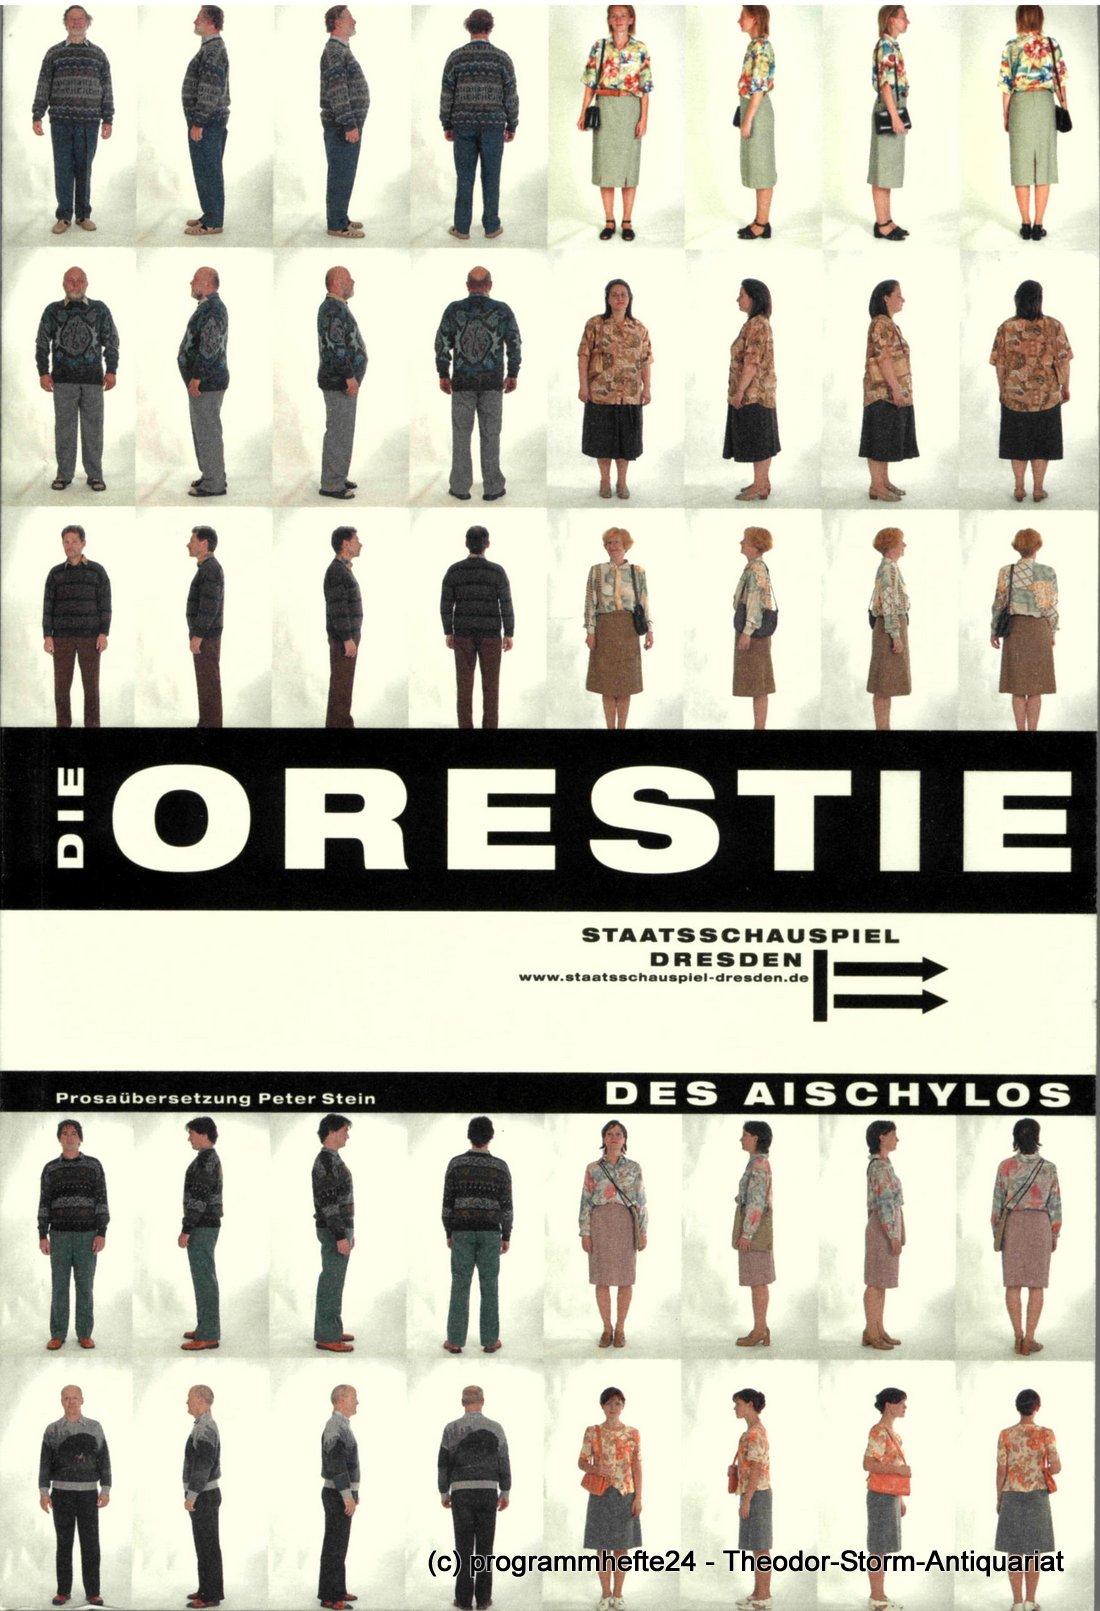 Programmheft DIE ORESTIE DES AISCHYLOS. Staatsschauspiel Dresden 2003